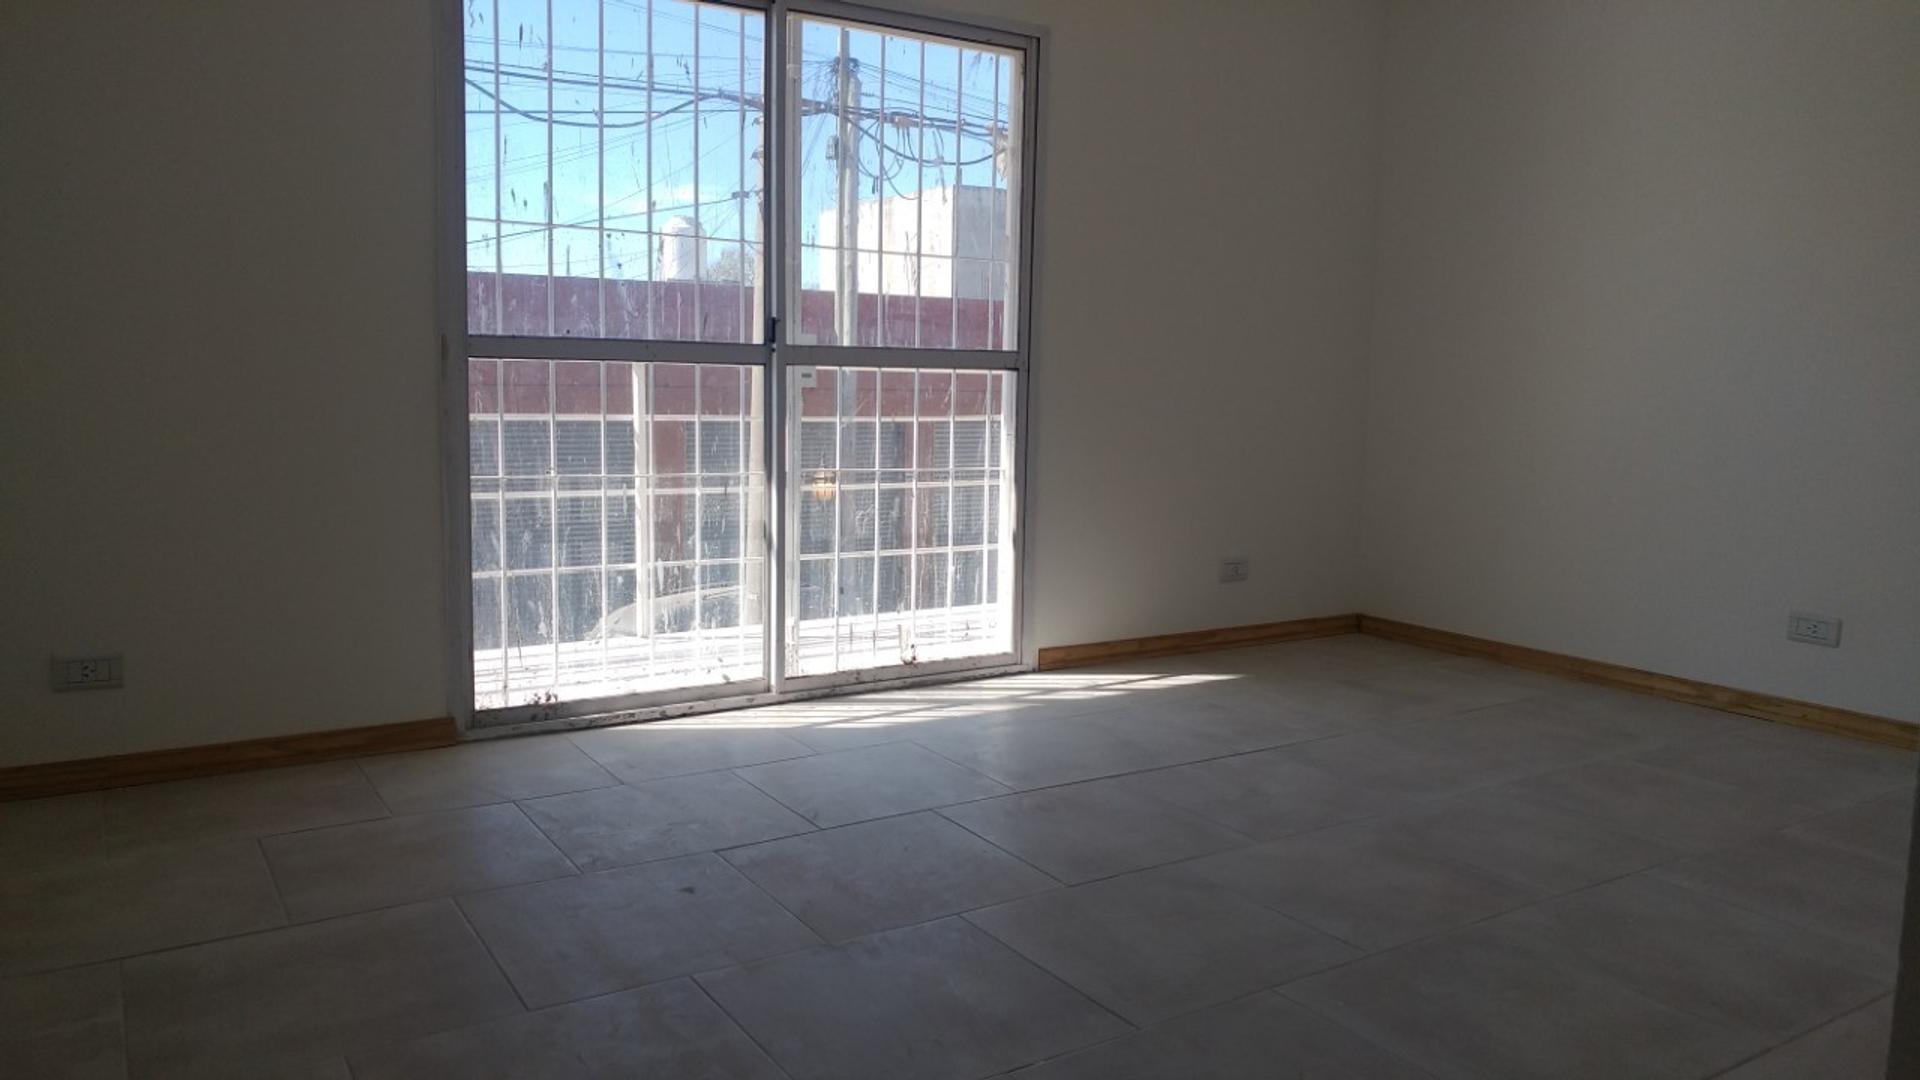 Departamento en Alquiler en Manuel Alberti - 3 ambientes